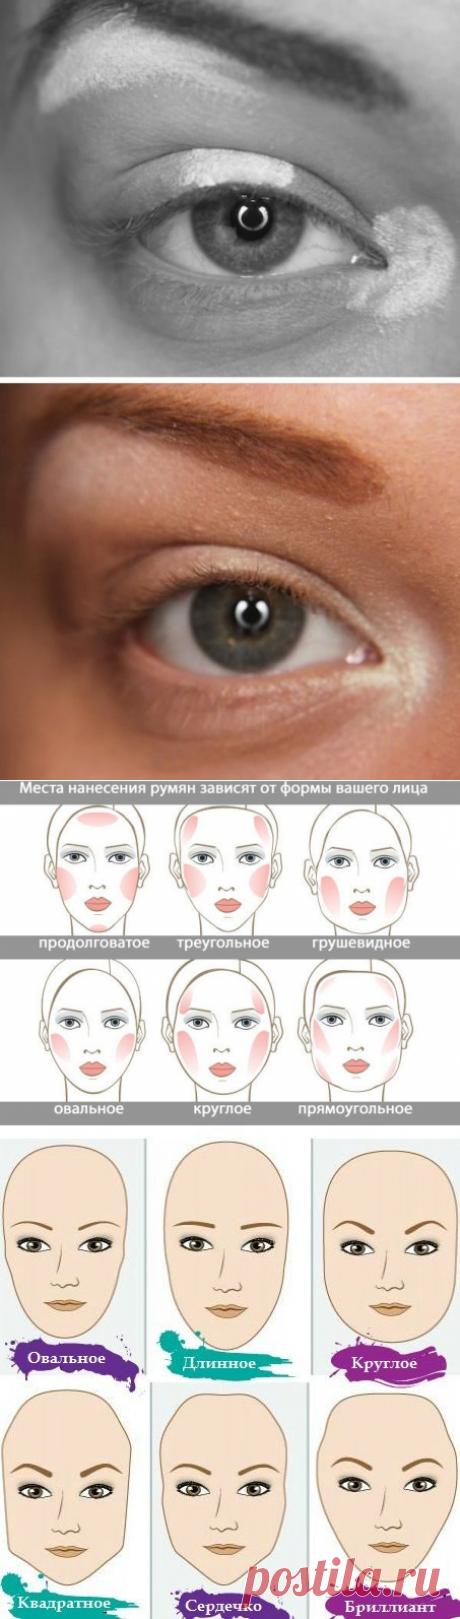 Маленькие хитрости макияжа, которые облегчат вашу жизнь / Все для женщины